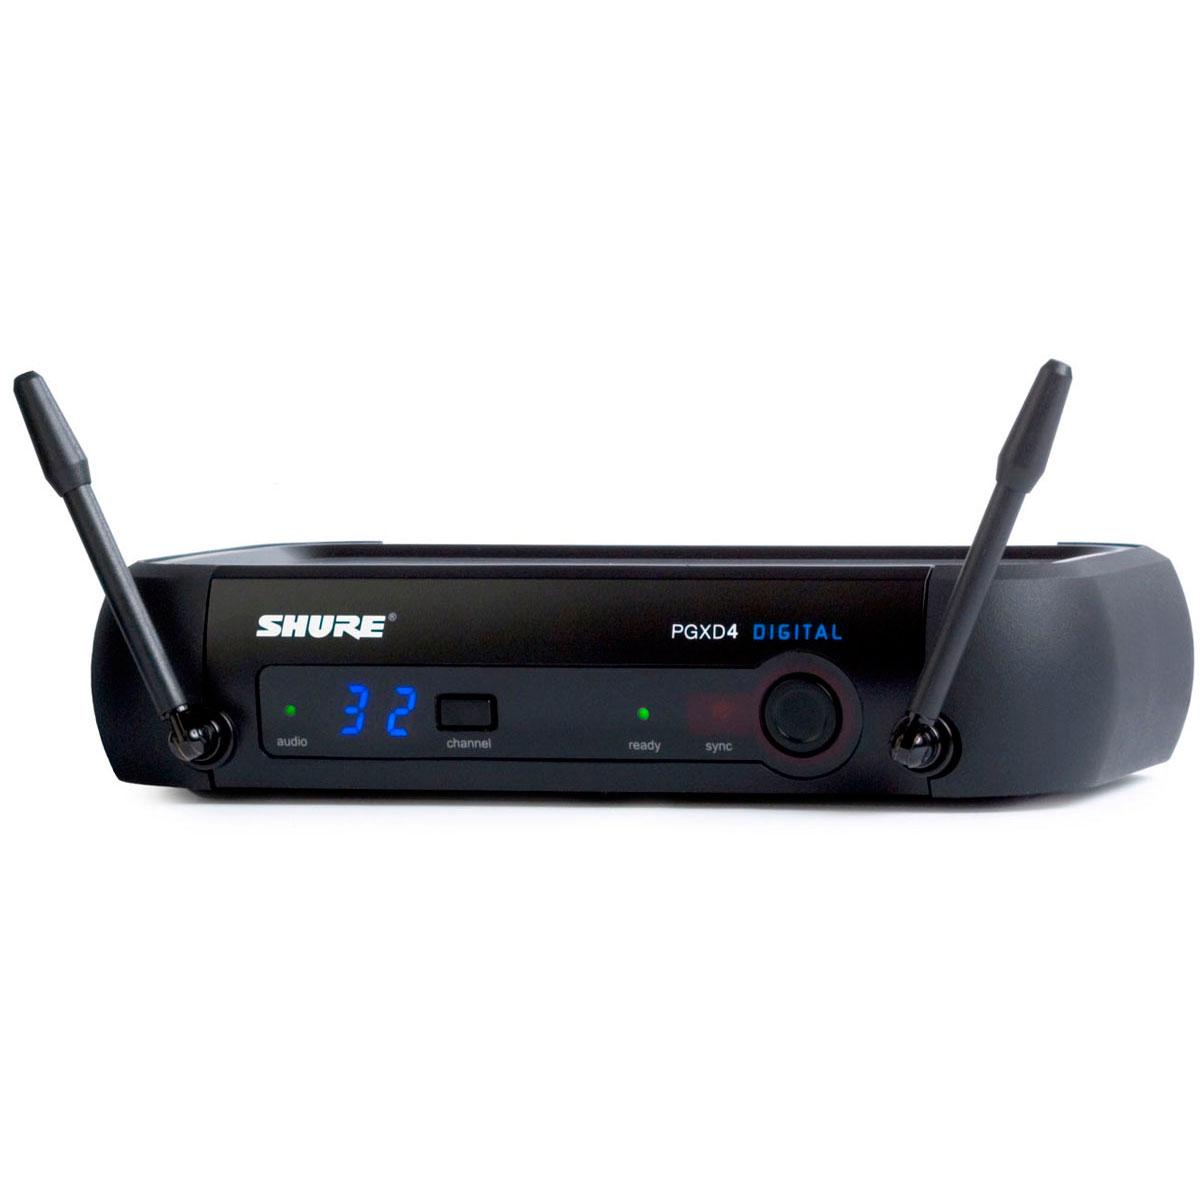 Microfone s/ Fio Lapela UHF Digital PGXD 14 WL 93 - Shure